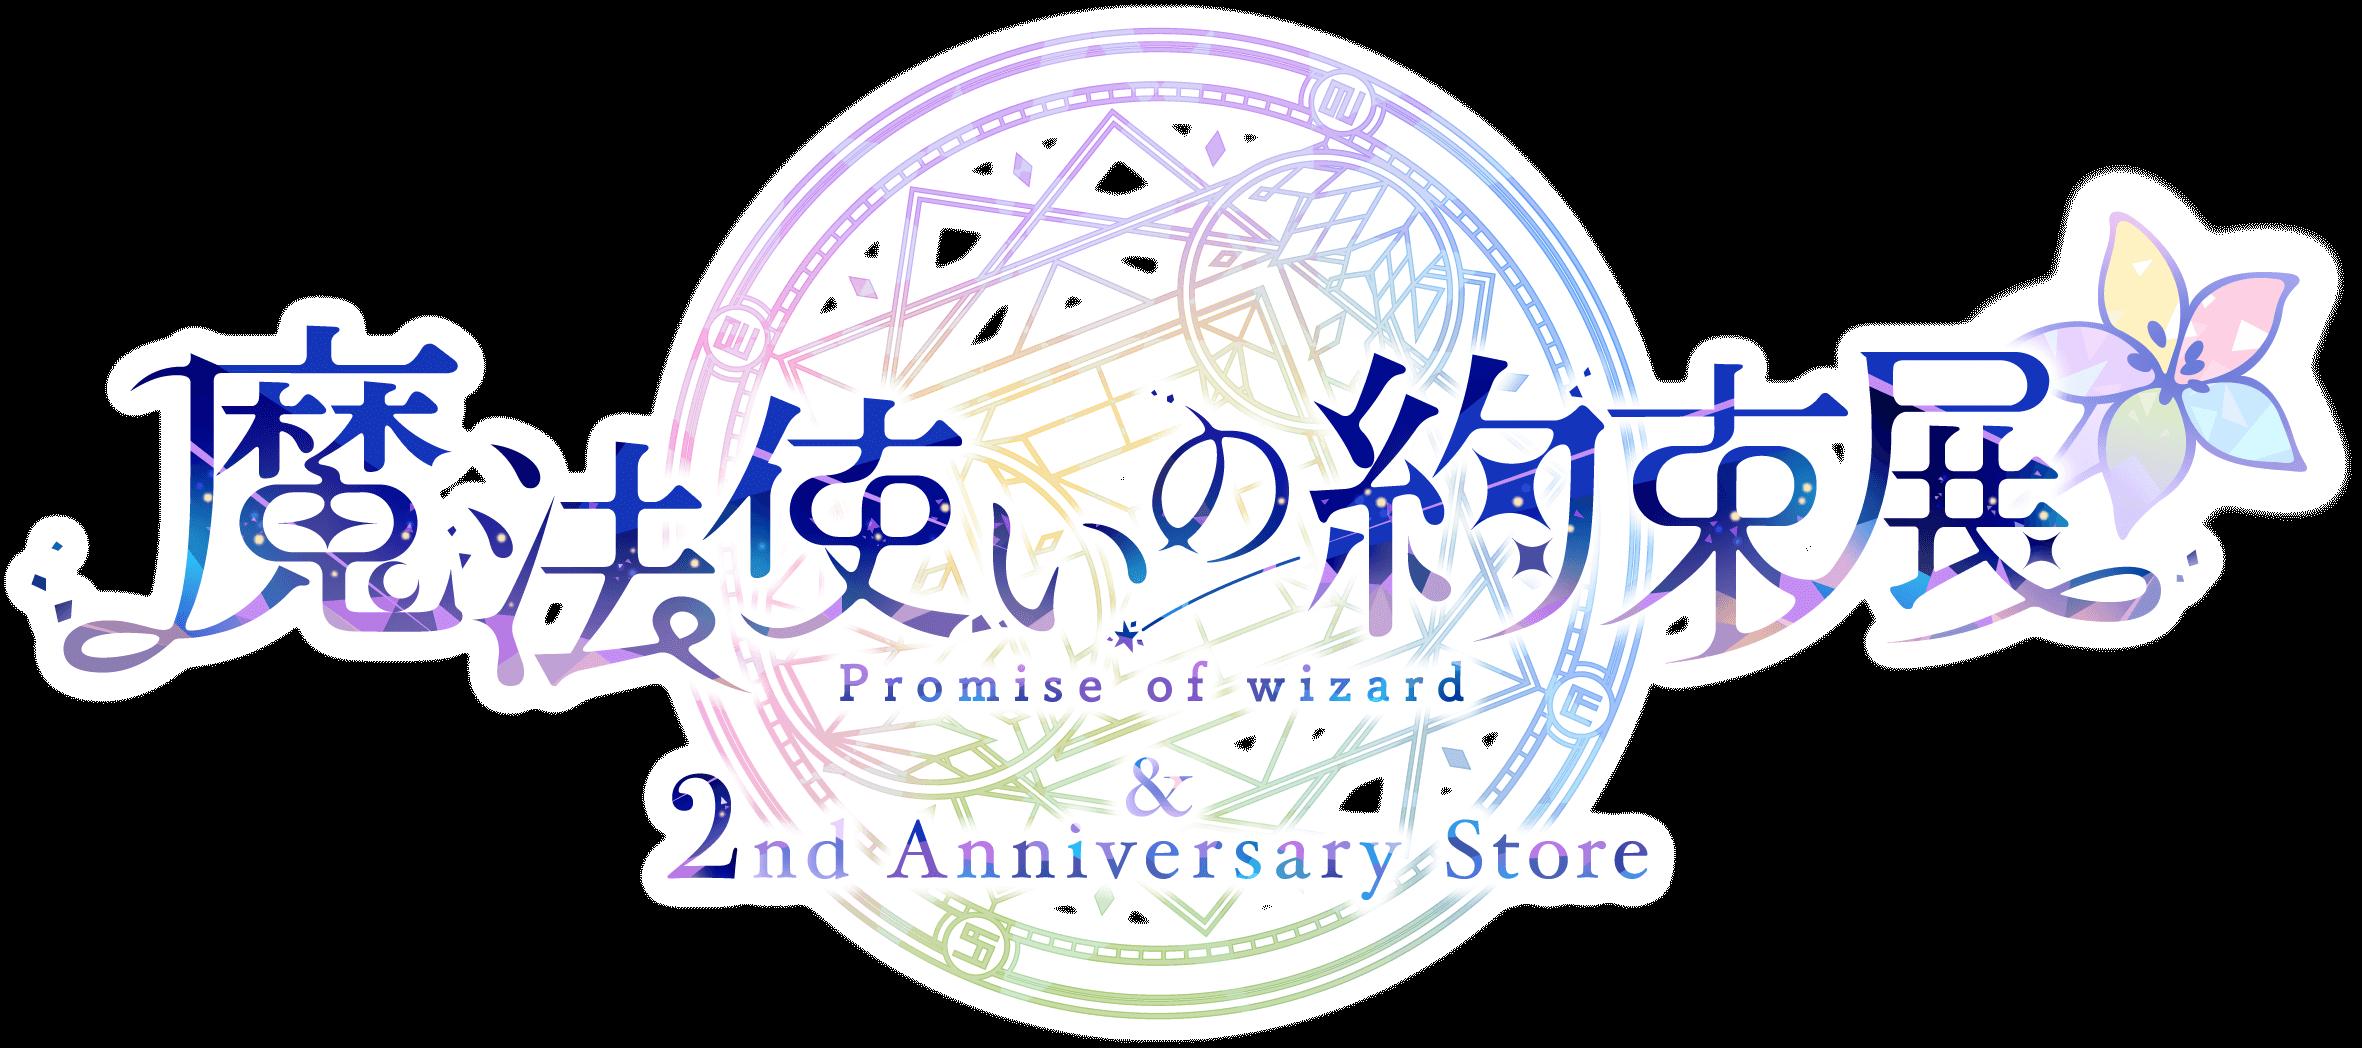 「魔法使いの約束展&2nd Anniversary Store」ロゴ